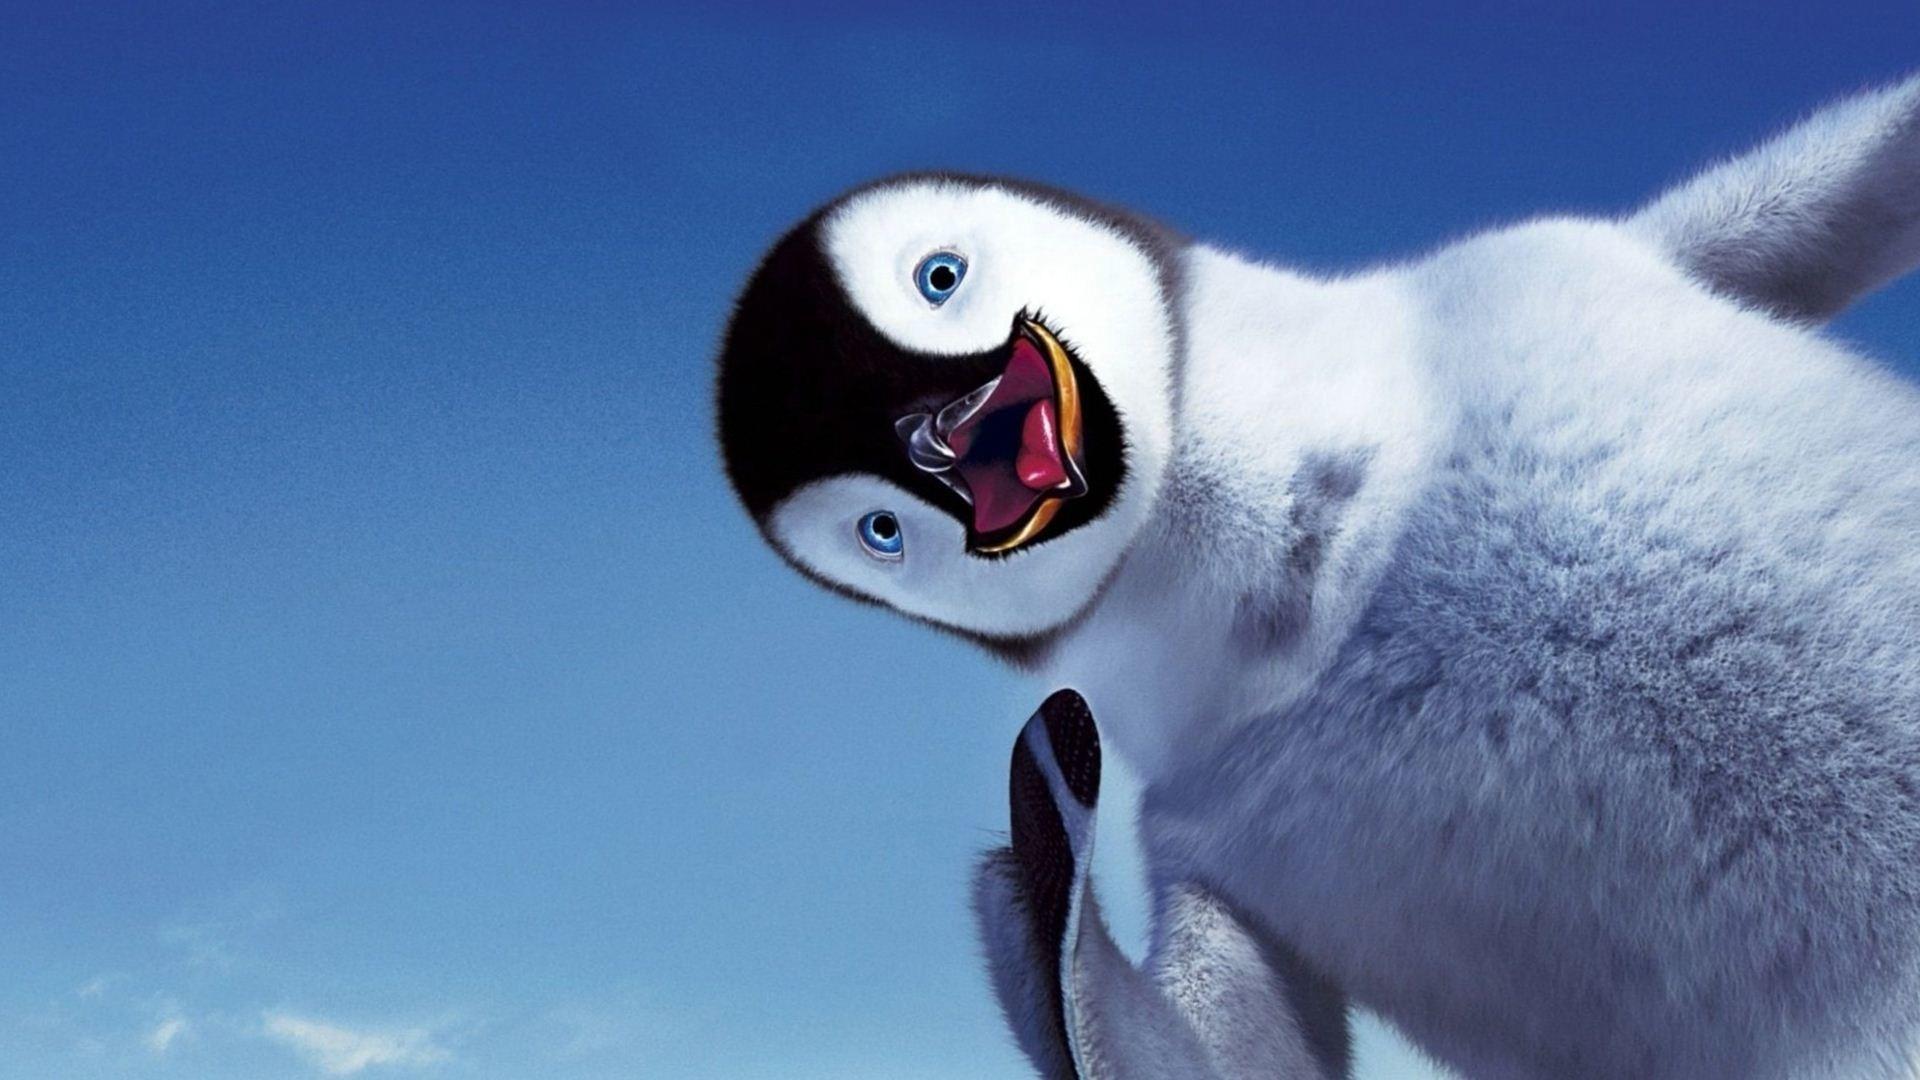 Cute Child Penguin Wallpaper Desktop #1117 Wallpaper   High Resolution .